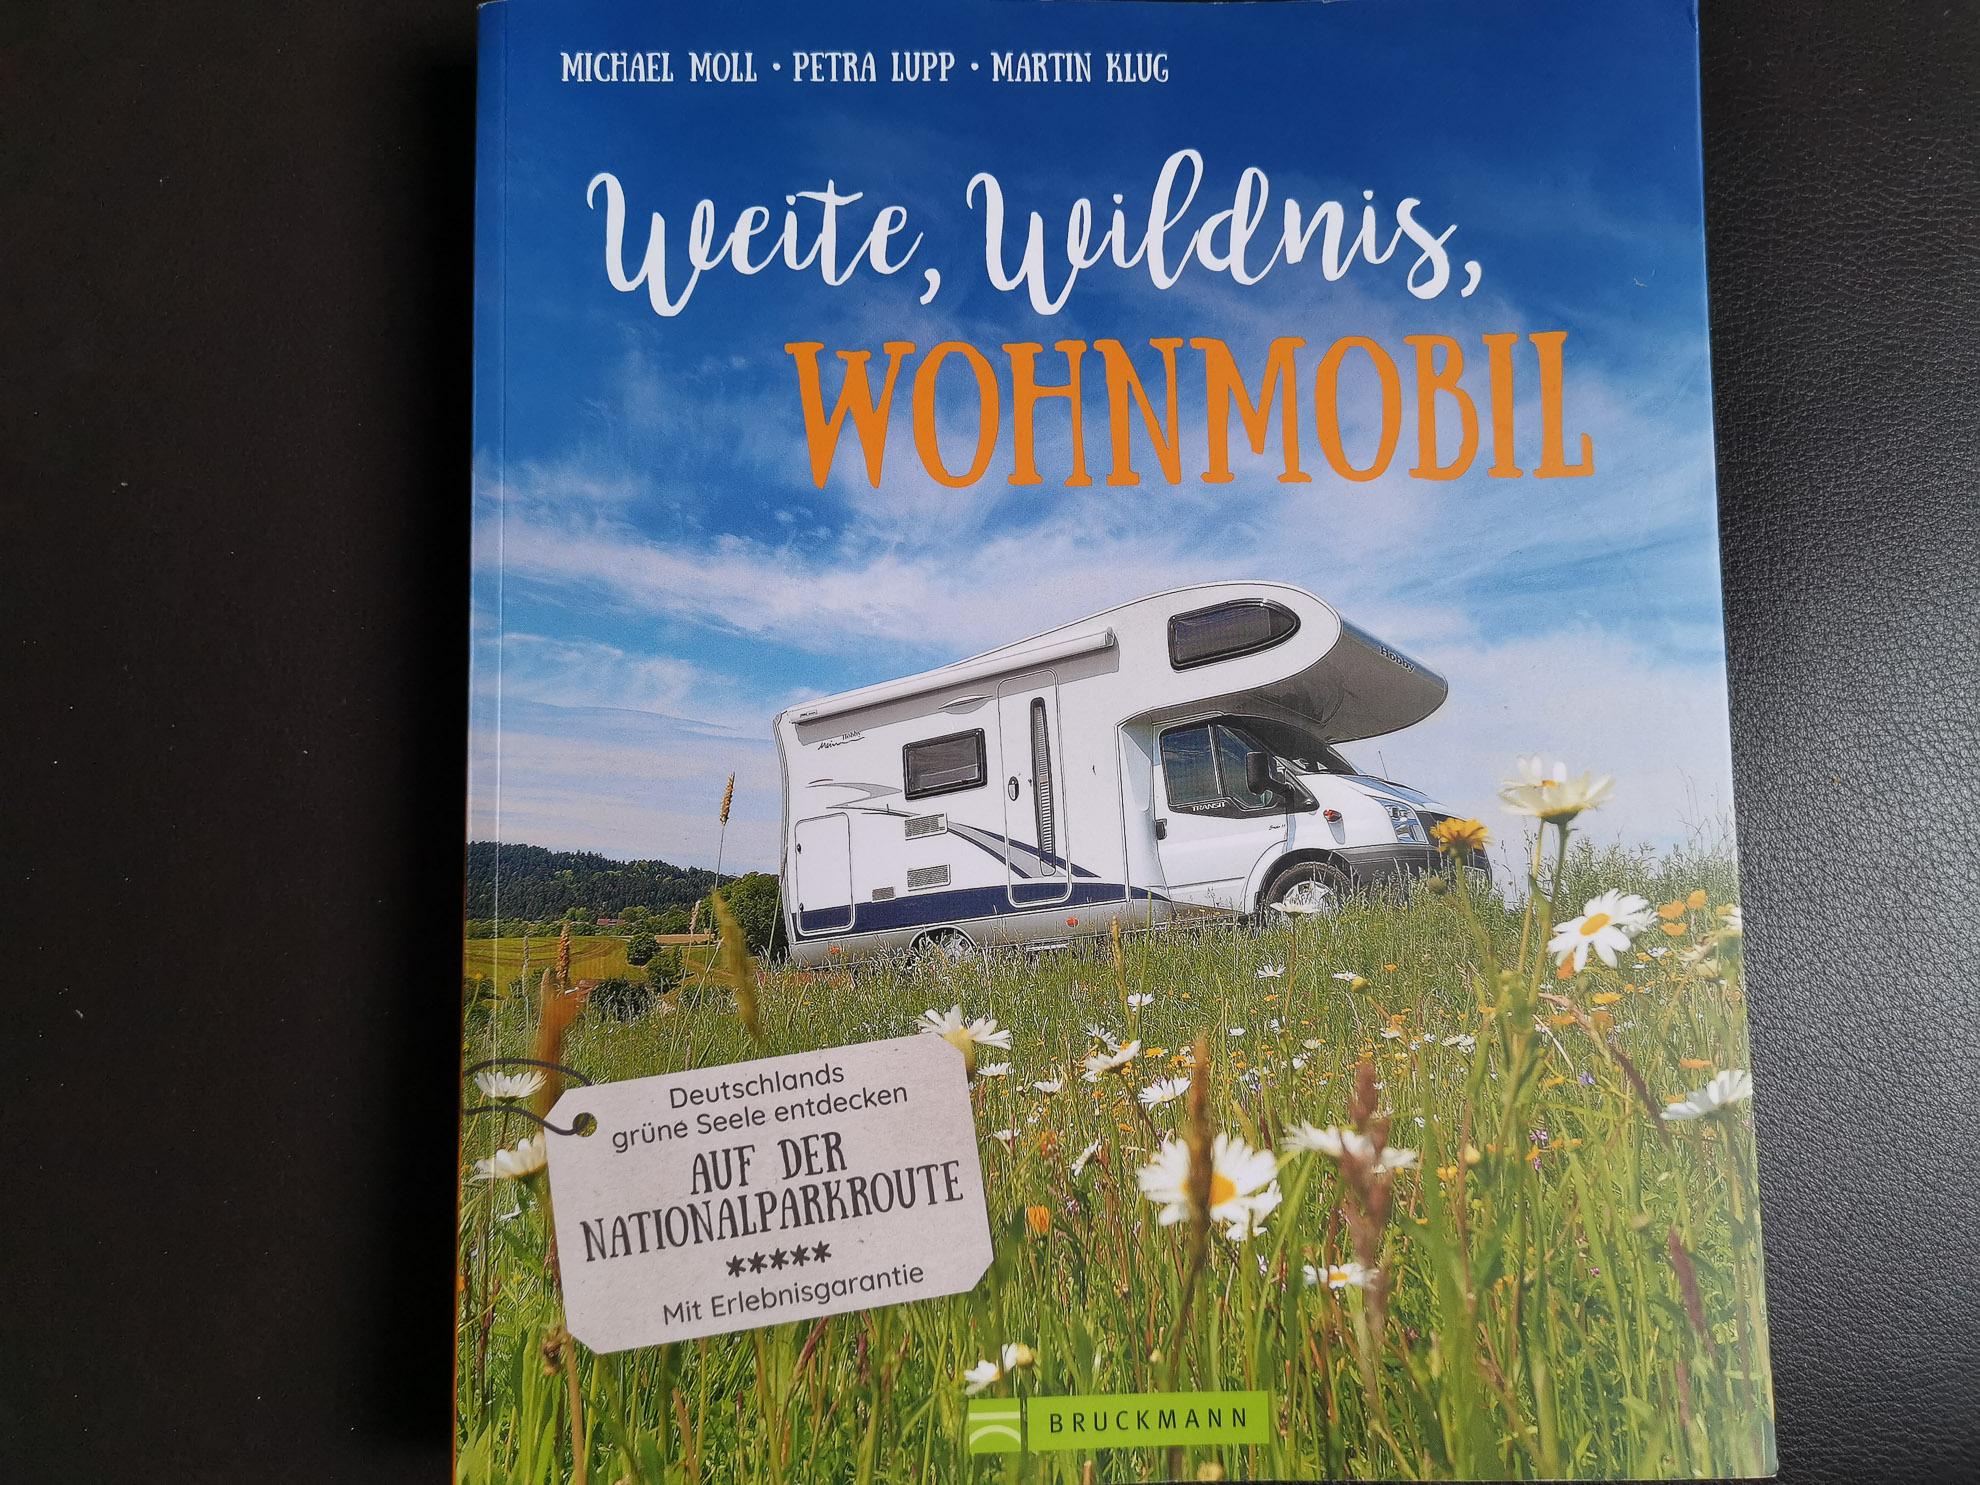 Deutsche Specksau gönnt sich Fremdschwanz im Wohnmobil